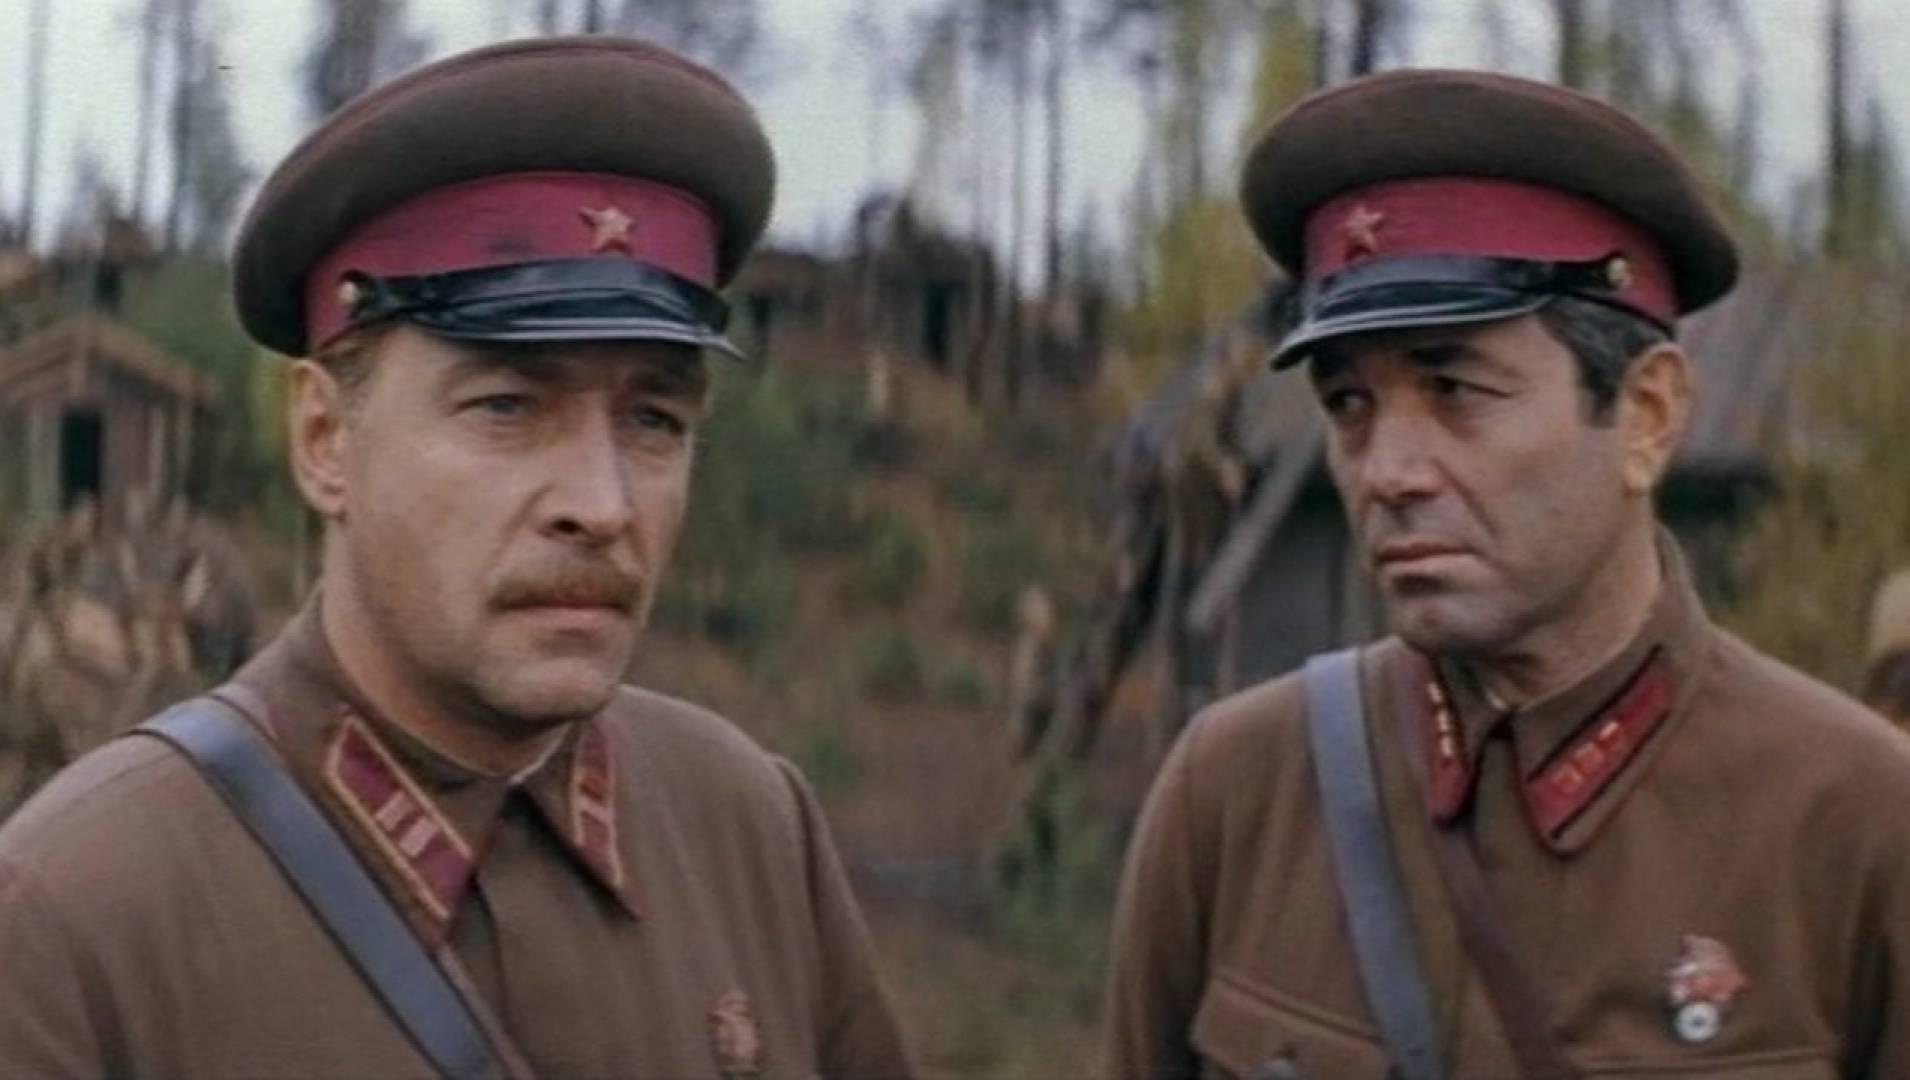 Фронт в тылу врага - Драма, Военный, Фильм